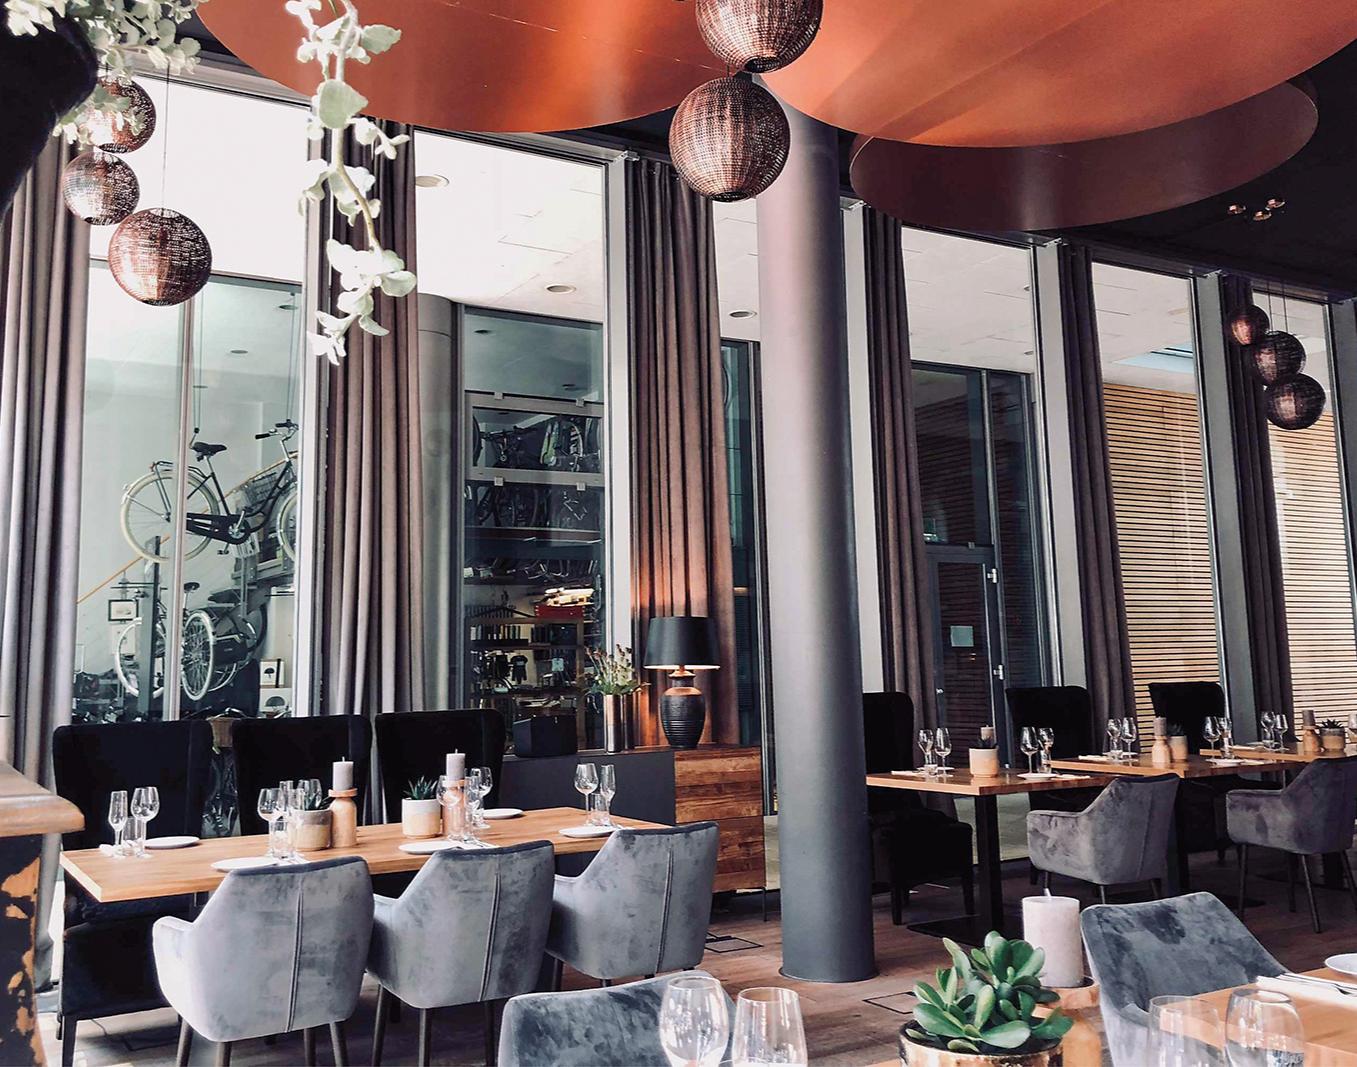 Gourmet-Restaurant - Portale 50 Karlsruhe 4-Gänge-Gourmetmenü inkl. Digestif